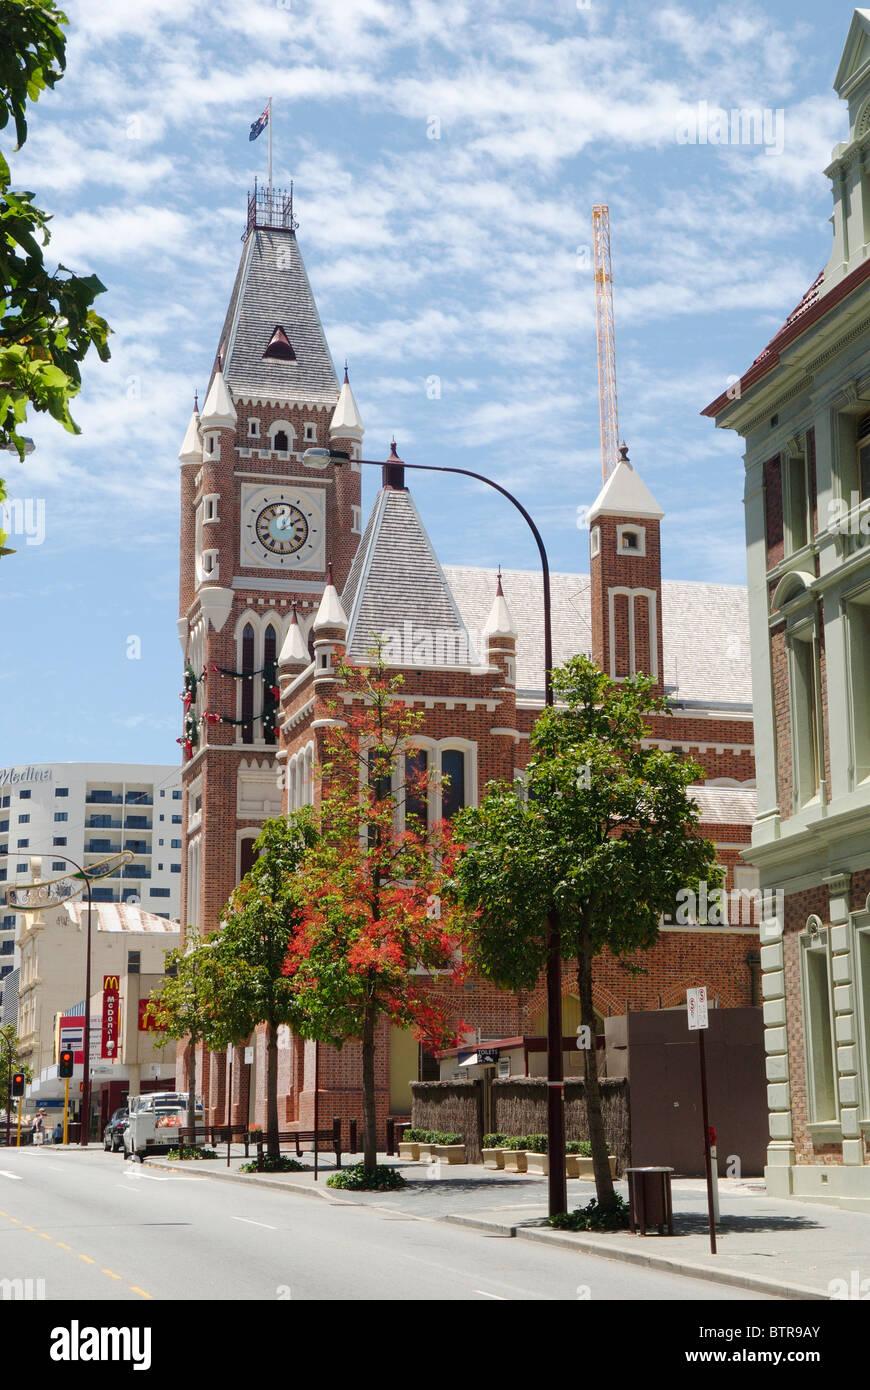 Australia, Australasia, Perth, Town hall - Stock Image